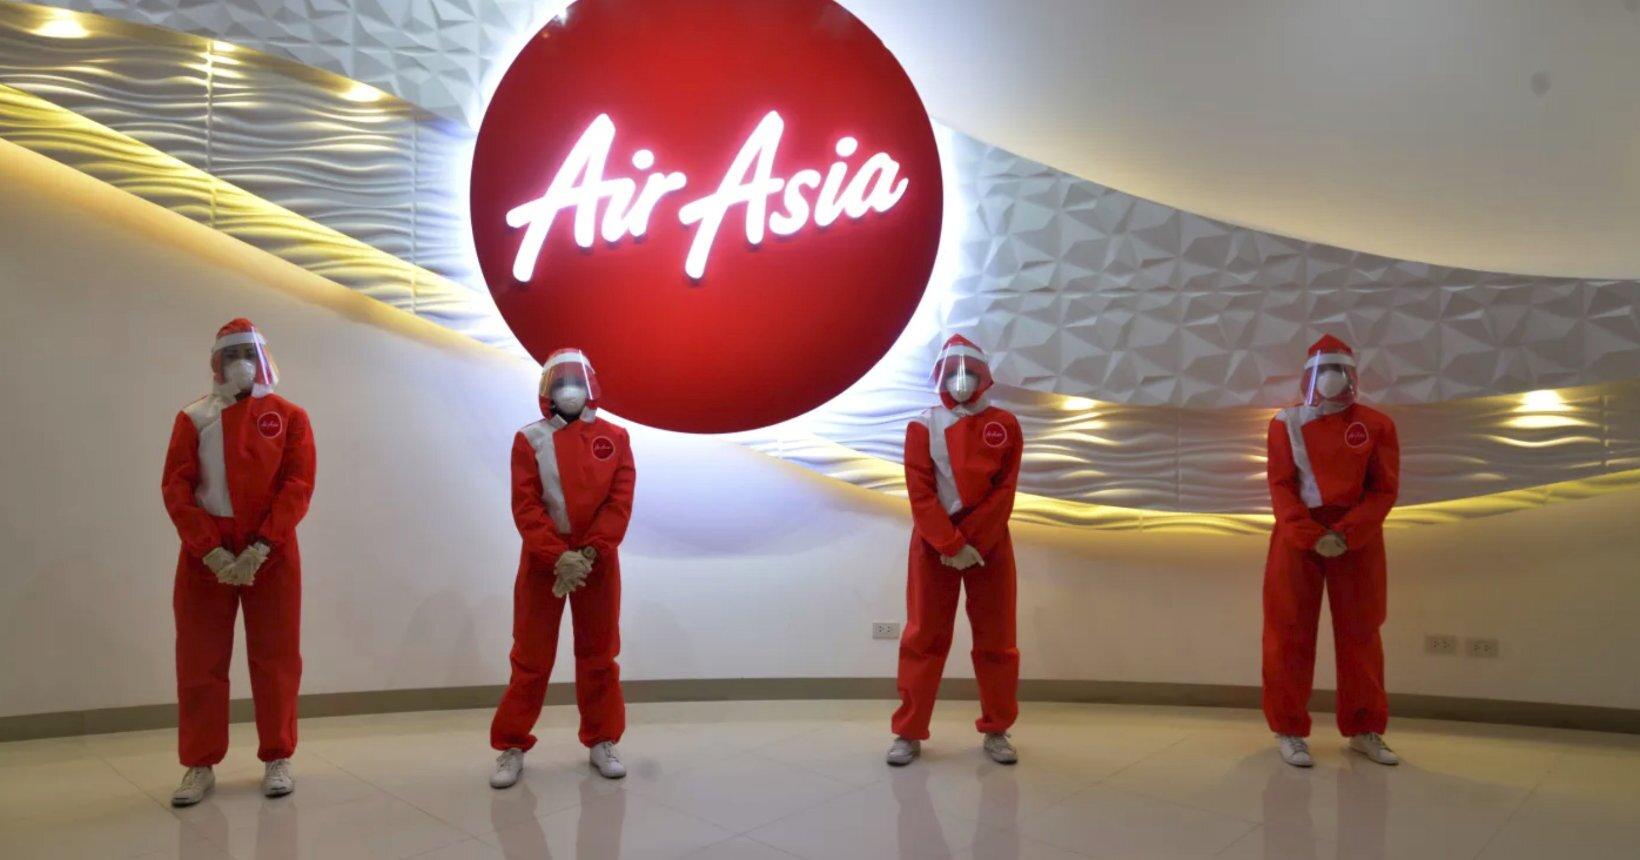 Novo uniforme da AirAsia em tempos de pandemia